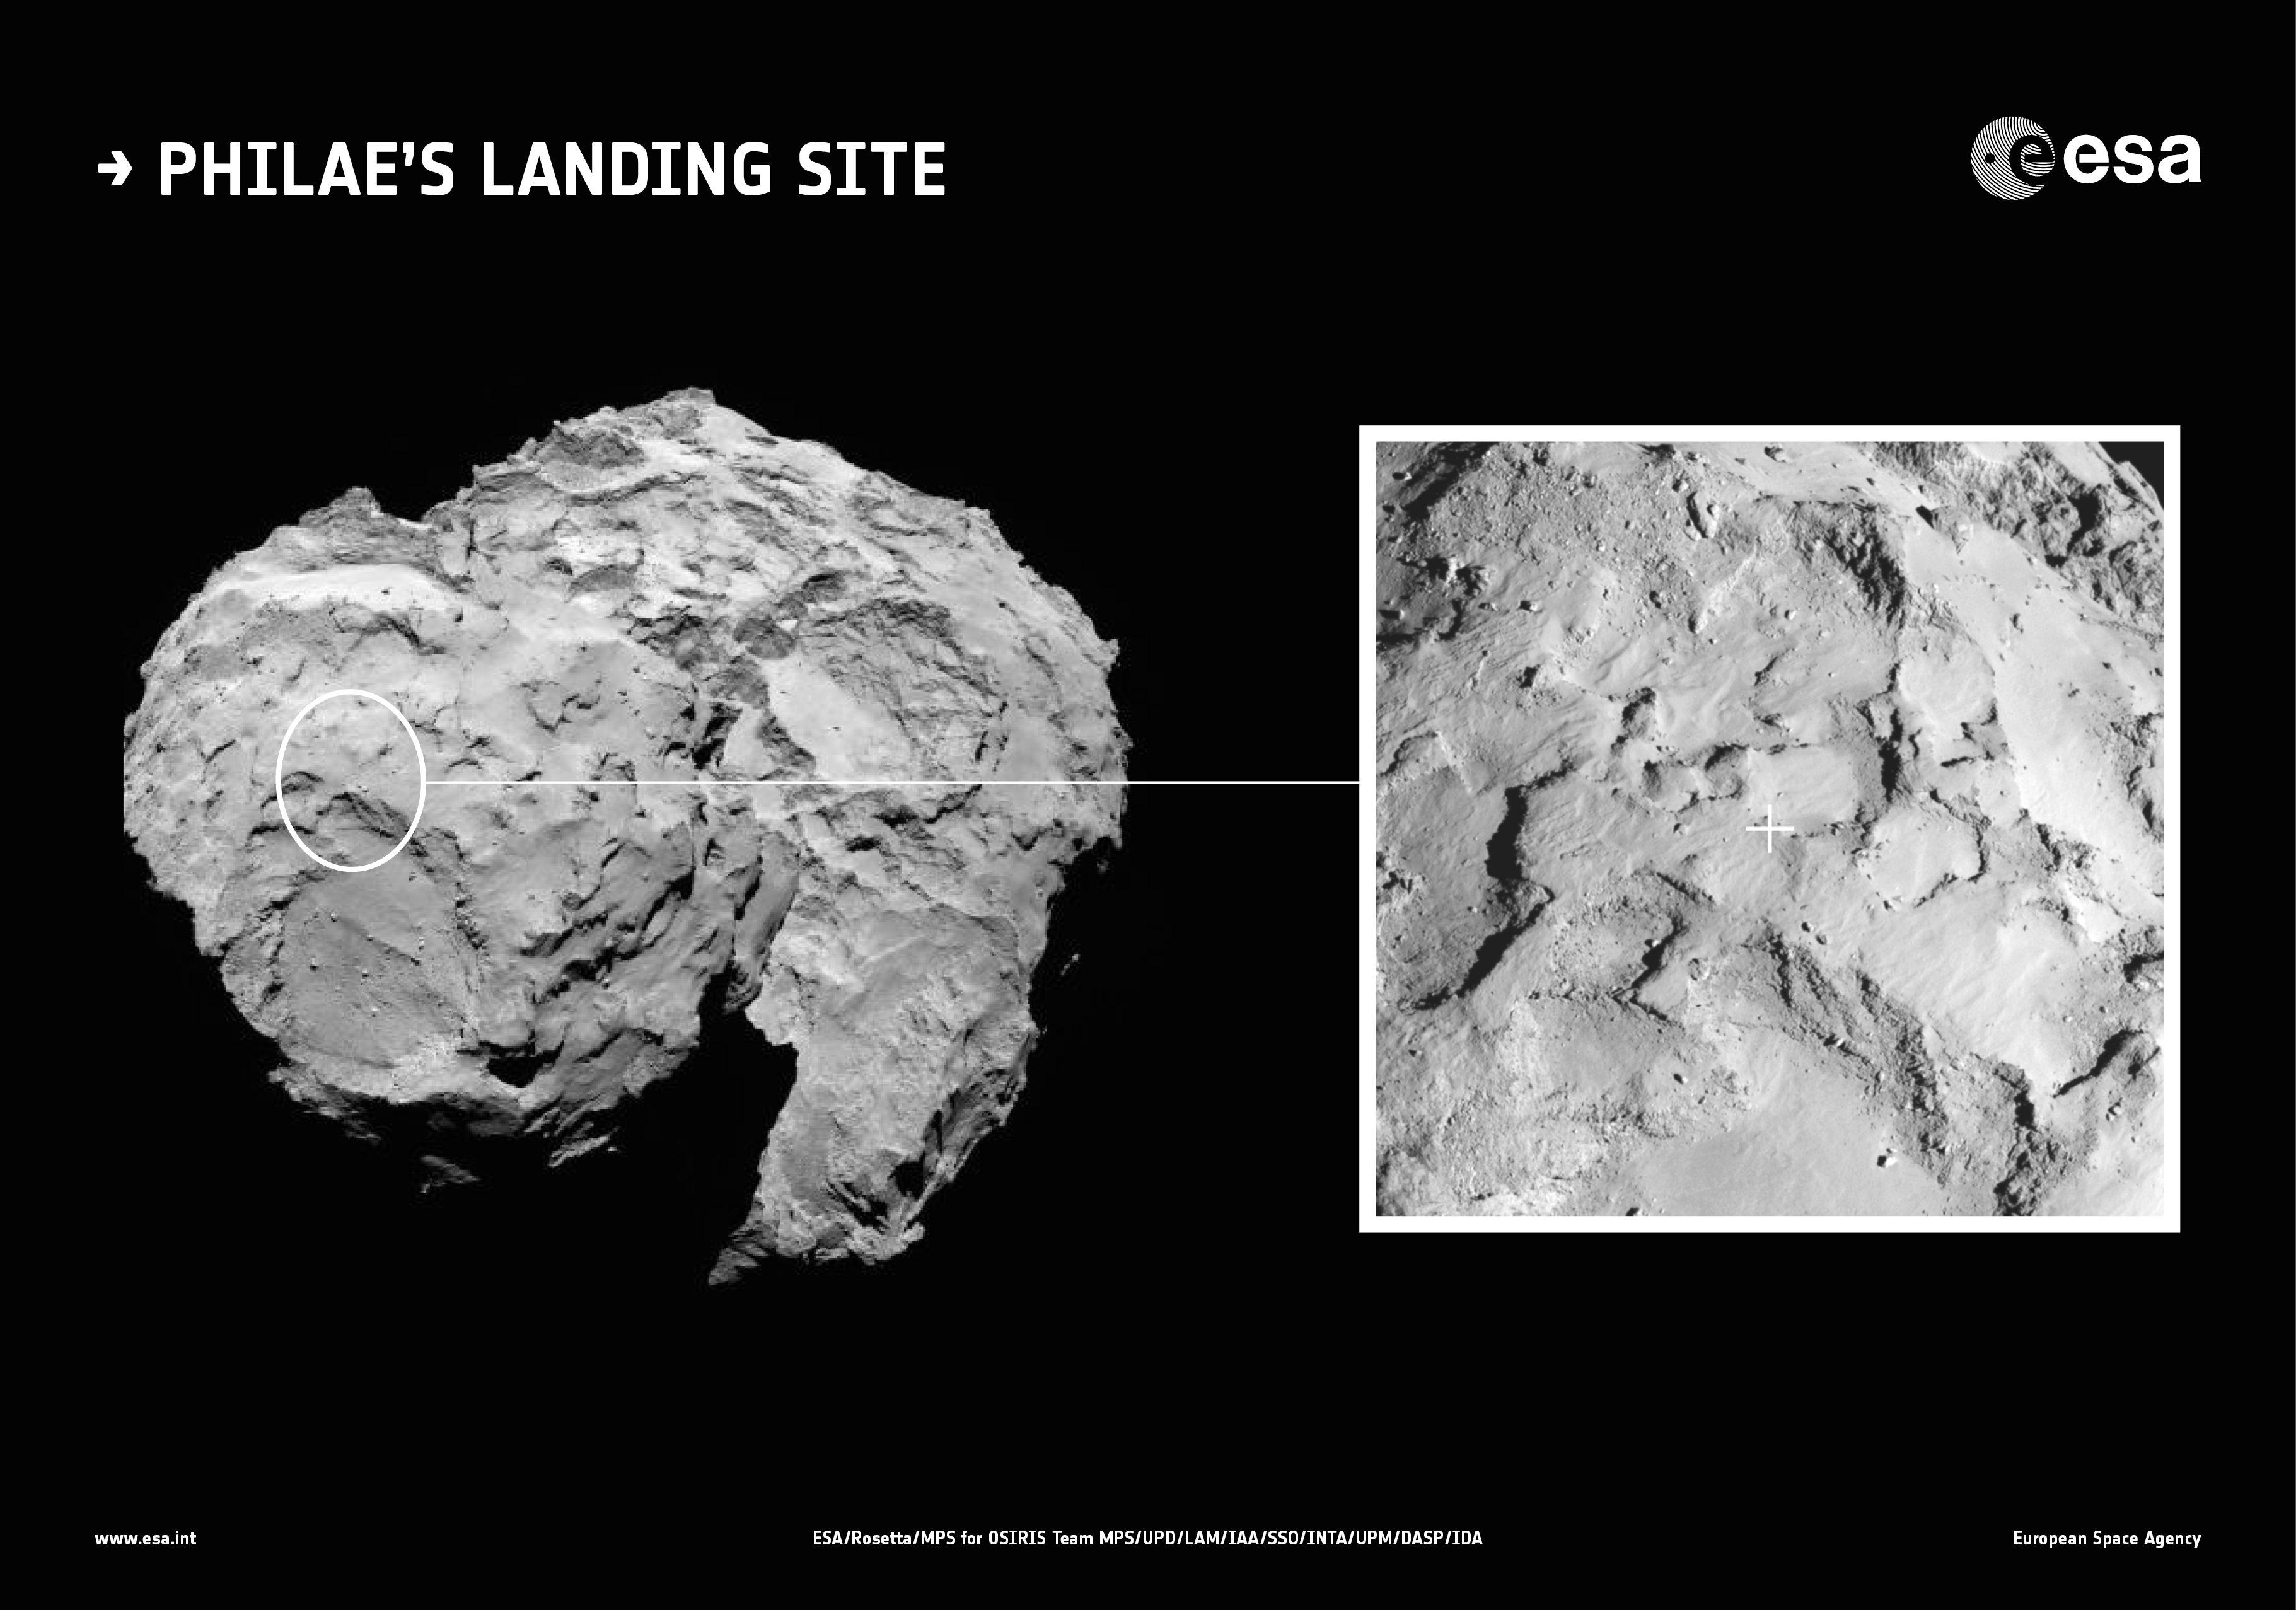 На комете 67P/Чурюмова-Герасименко выбрано место для посадки